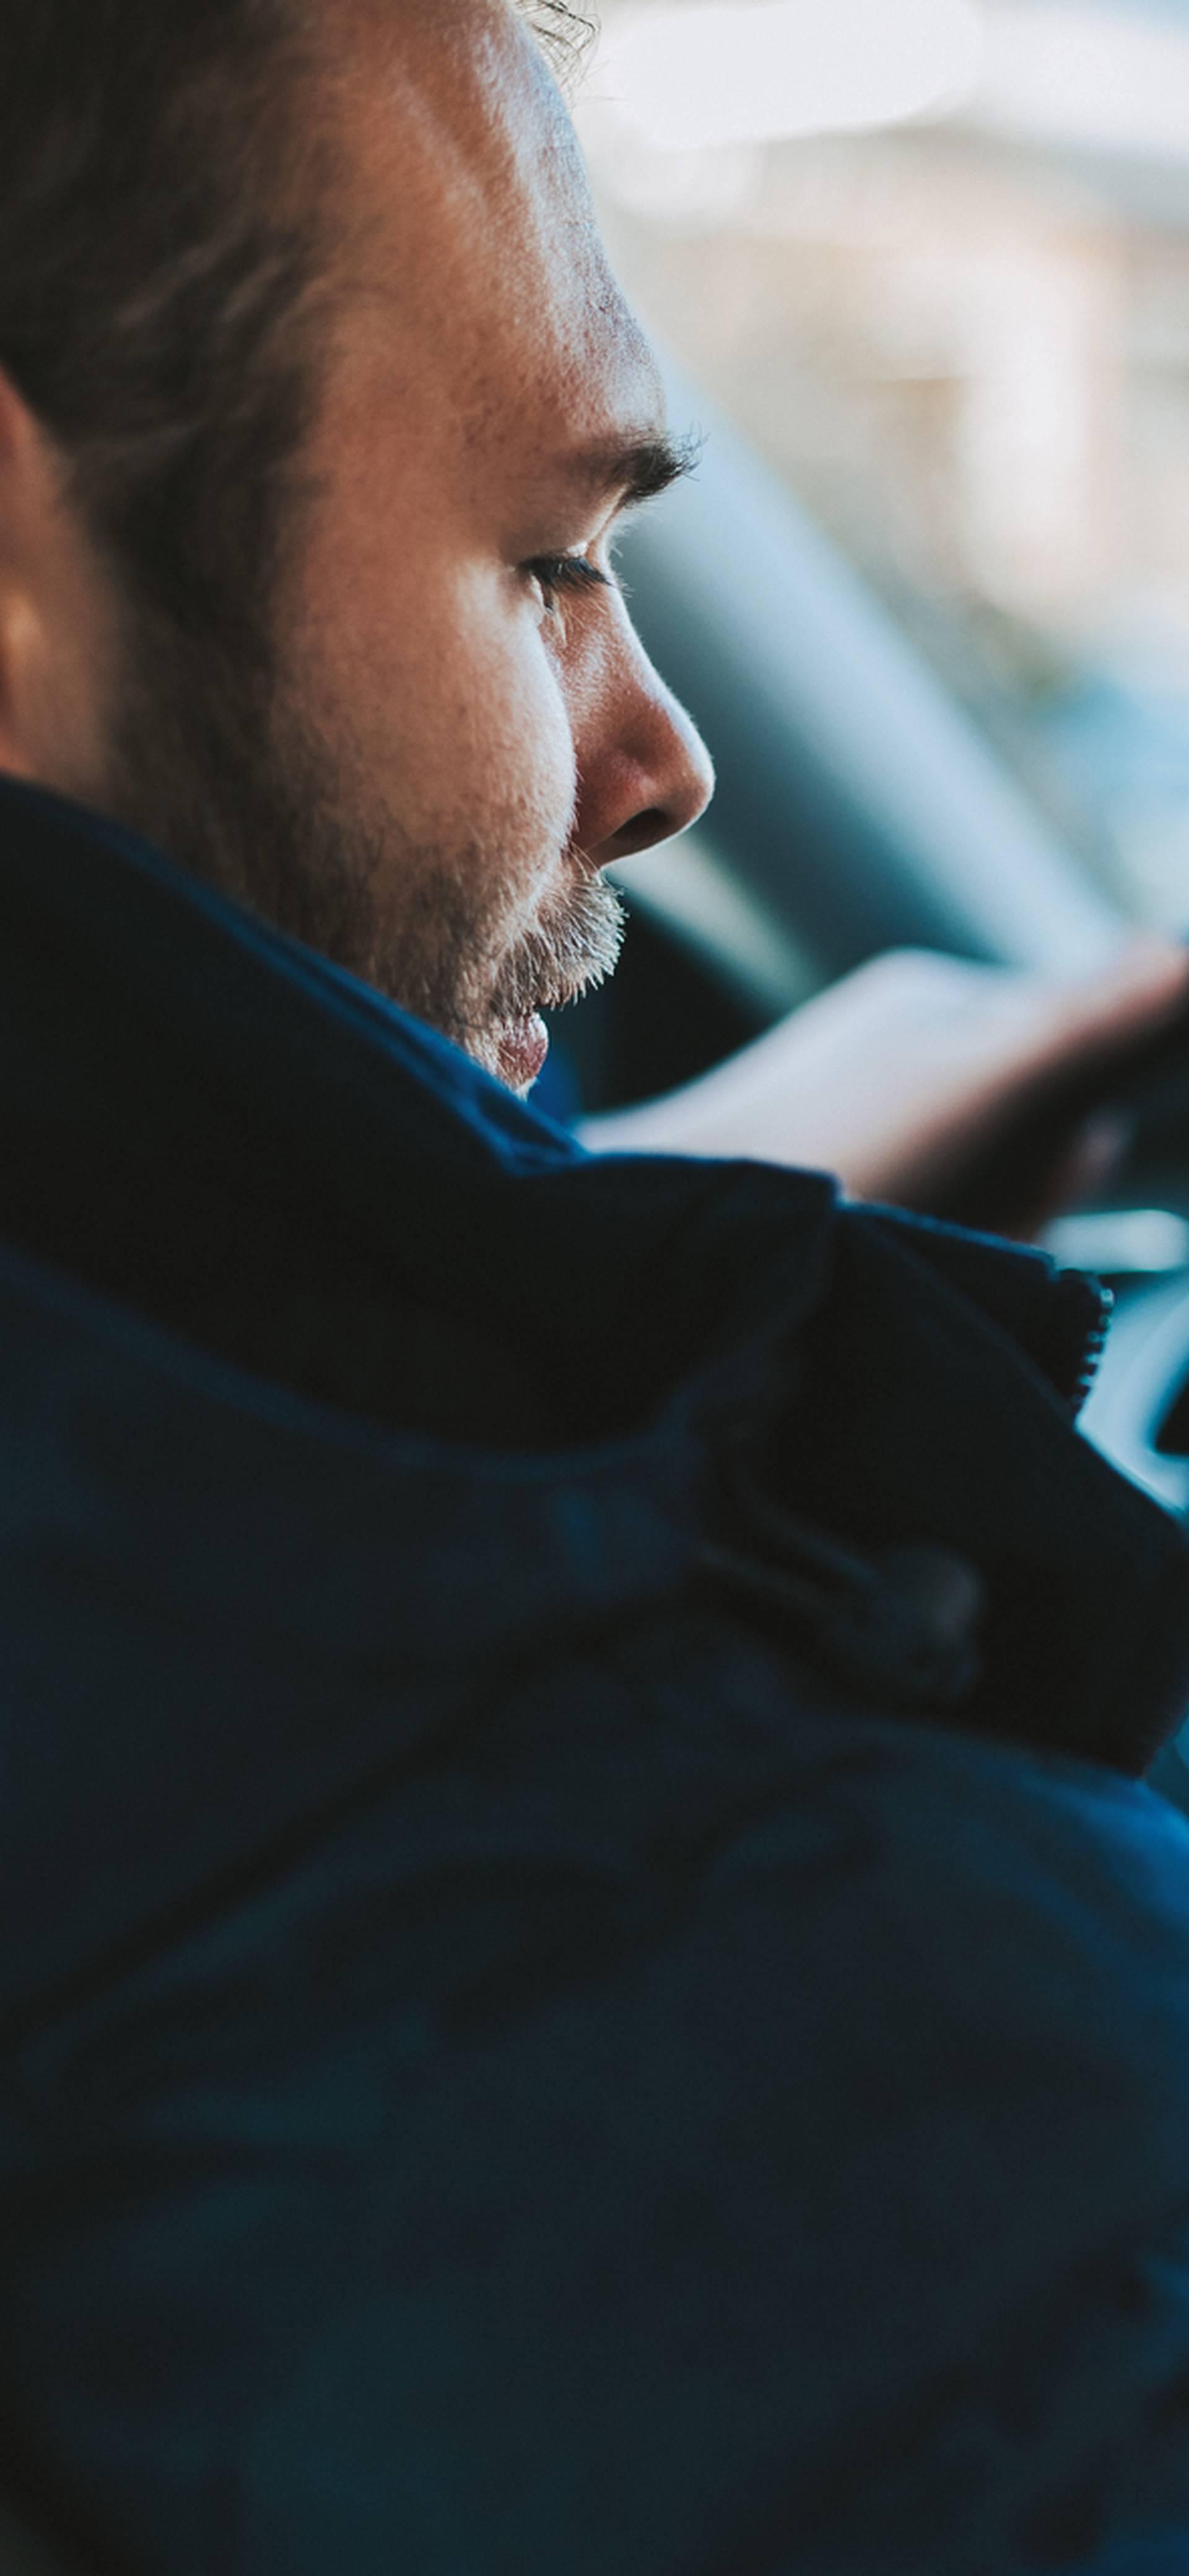 Ovih 10 stvari nikako ne biste trebali raditi dok vozite auto